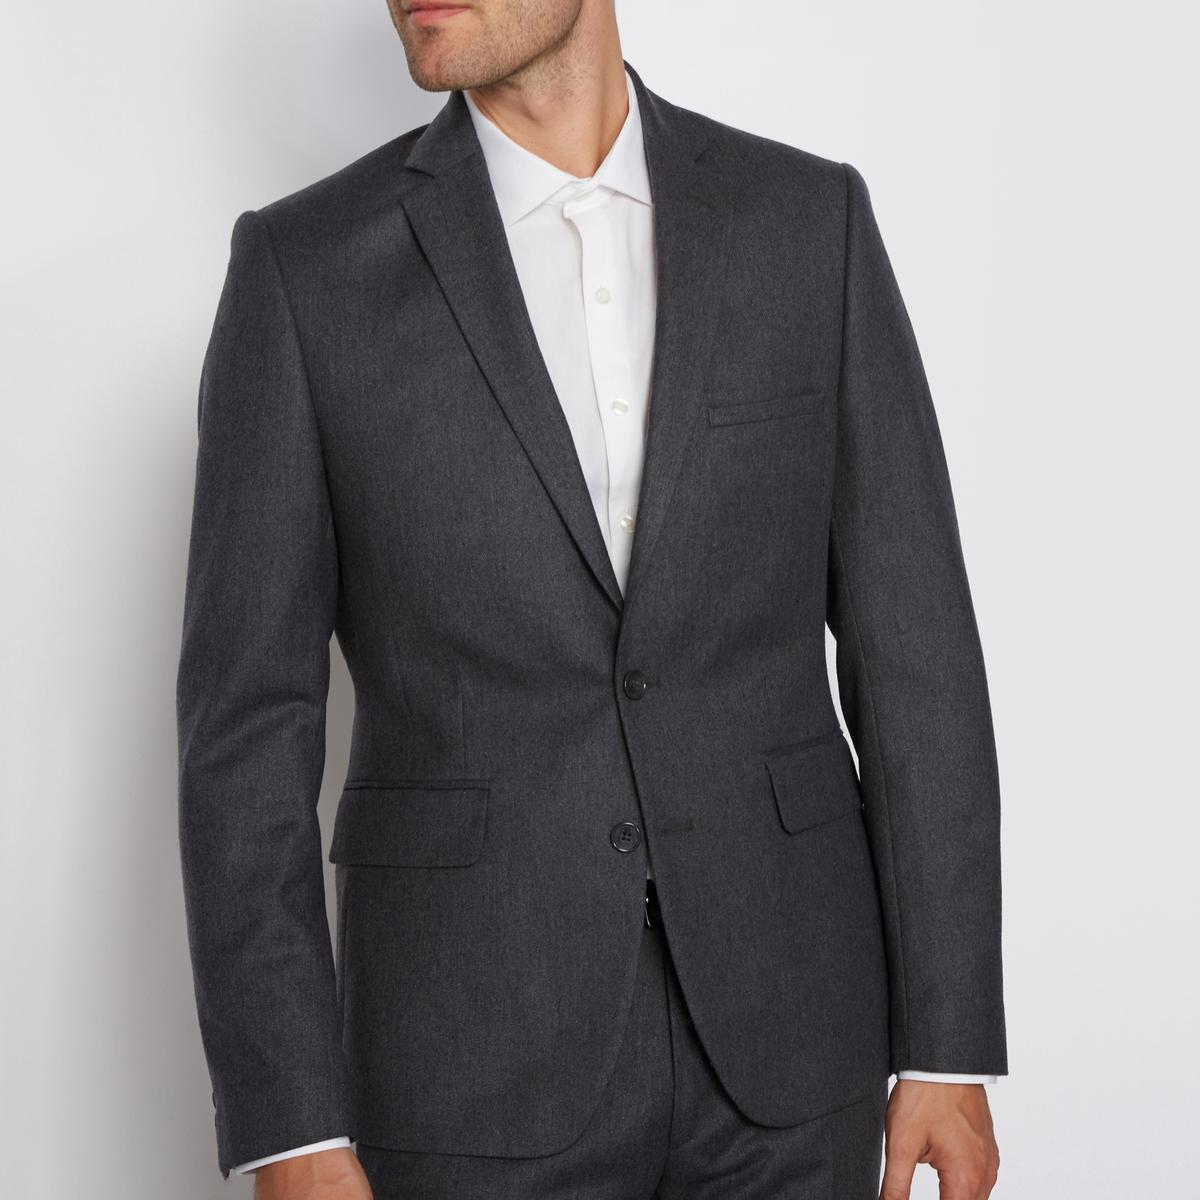 Пиджак костюмный из фланелиПриталенный покрой и костюмный воротник.        Застежка на две пуговицы. Карманы с клапаном по бокам.        Закругленный низ, манжеты с застежкой на пуговицы.        Нагрудный карман. Спинка с двумя шлицами.     Состав и описание :         Материал : 60% шерсти, 40% полиэстера         Подкладка : 100% полиэстер                   Уход :            Обратите внимание на рекомендации по уходу на этикетке<br><br>Цвет: антрацит<br>Размер: 50.46.44